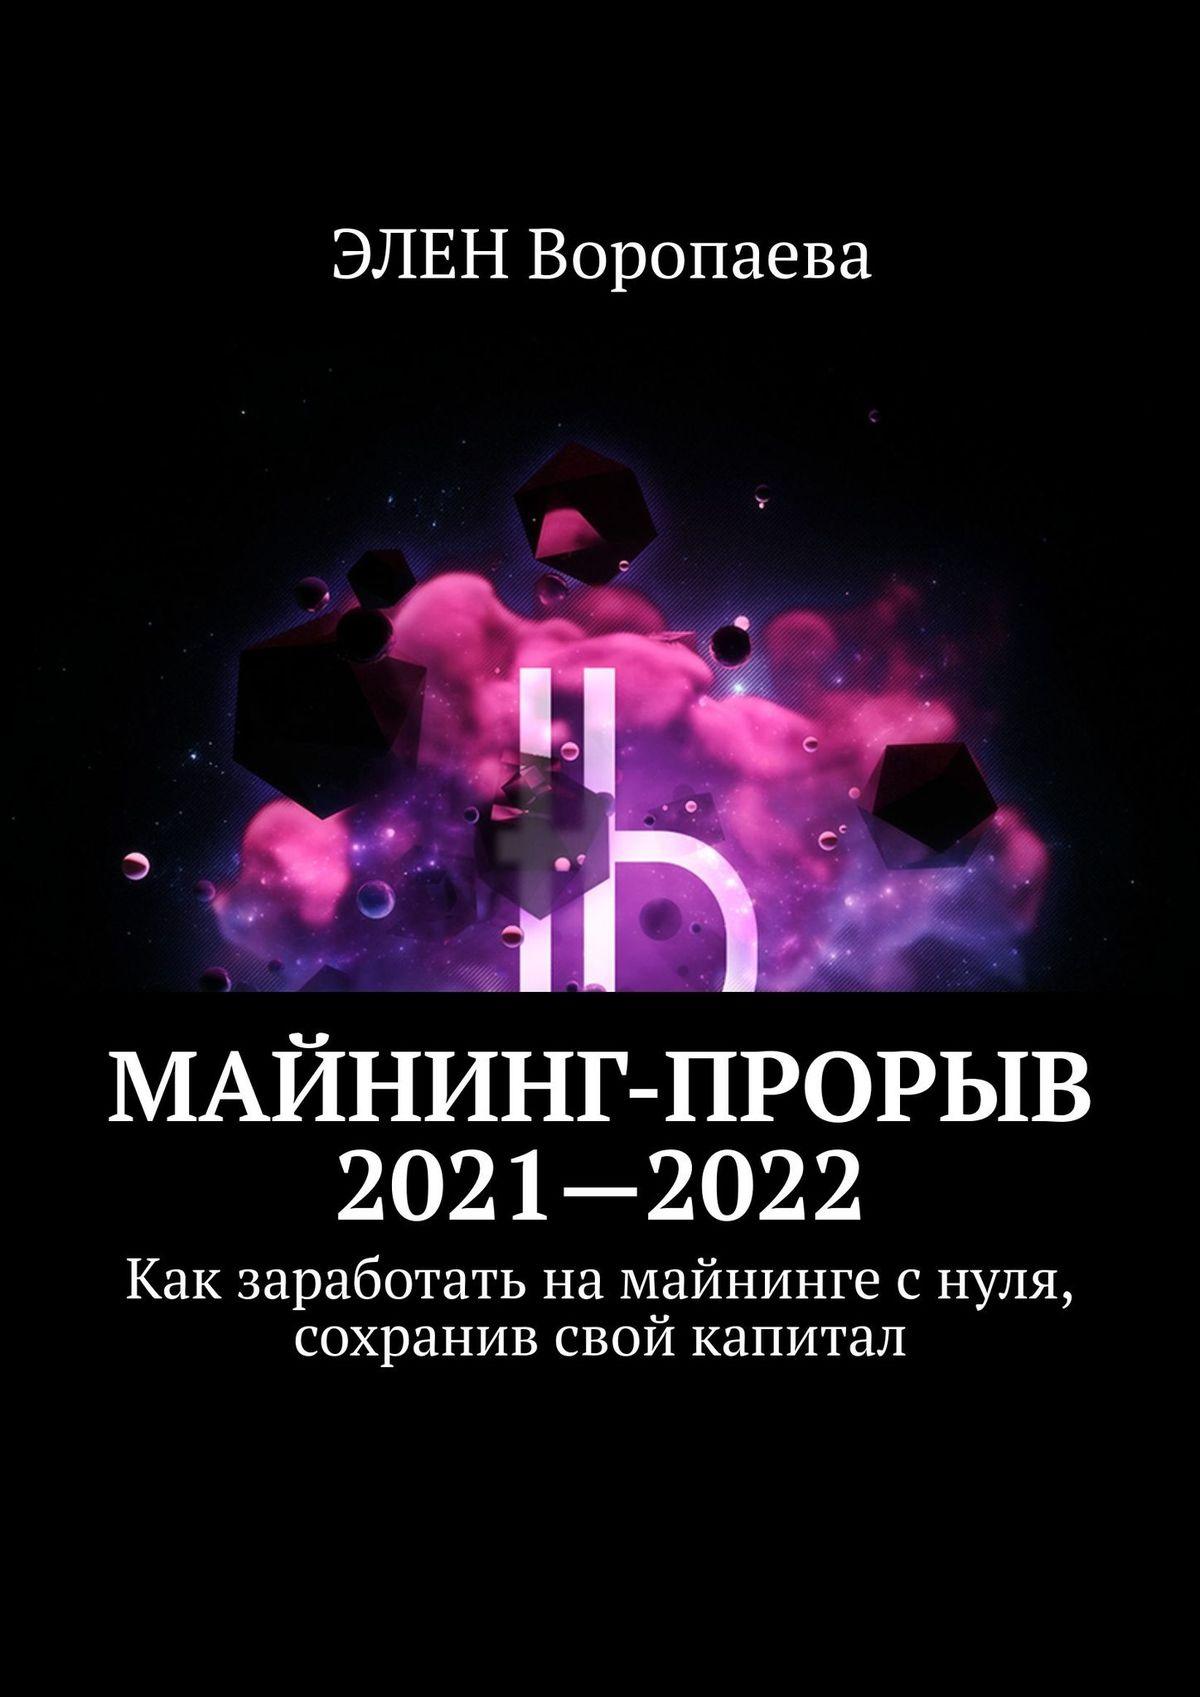 ЭЛЕН Воропаева Майнинг-прорыв 2019-2020. Как заработать намайнинге снуля, сохранив свой капитал